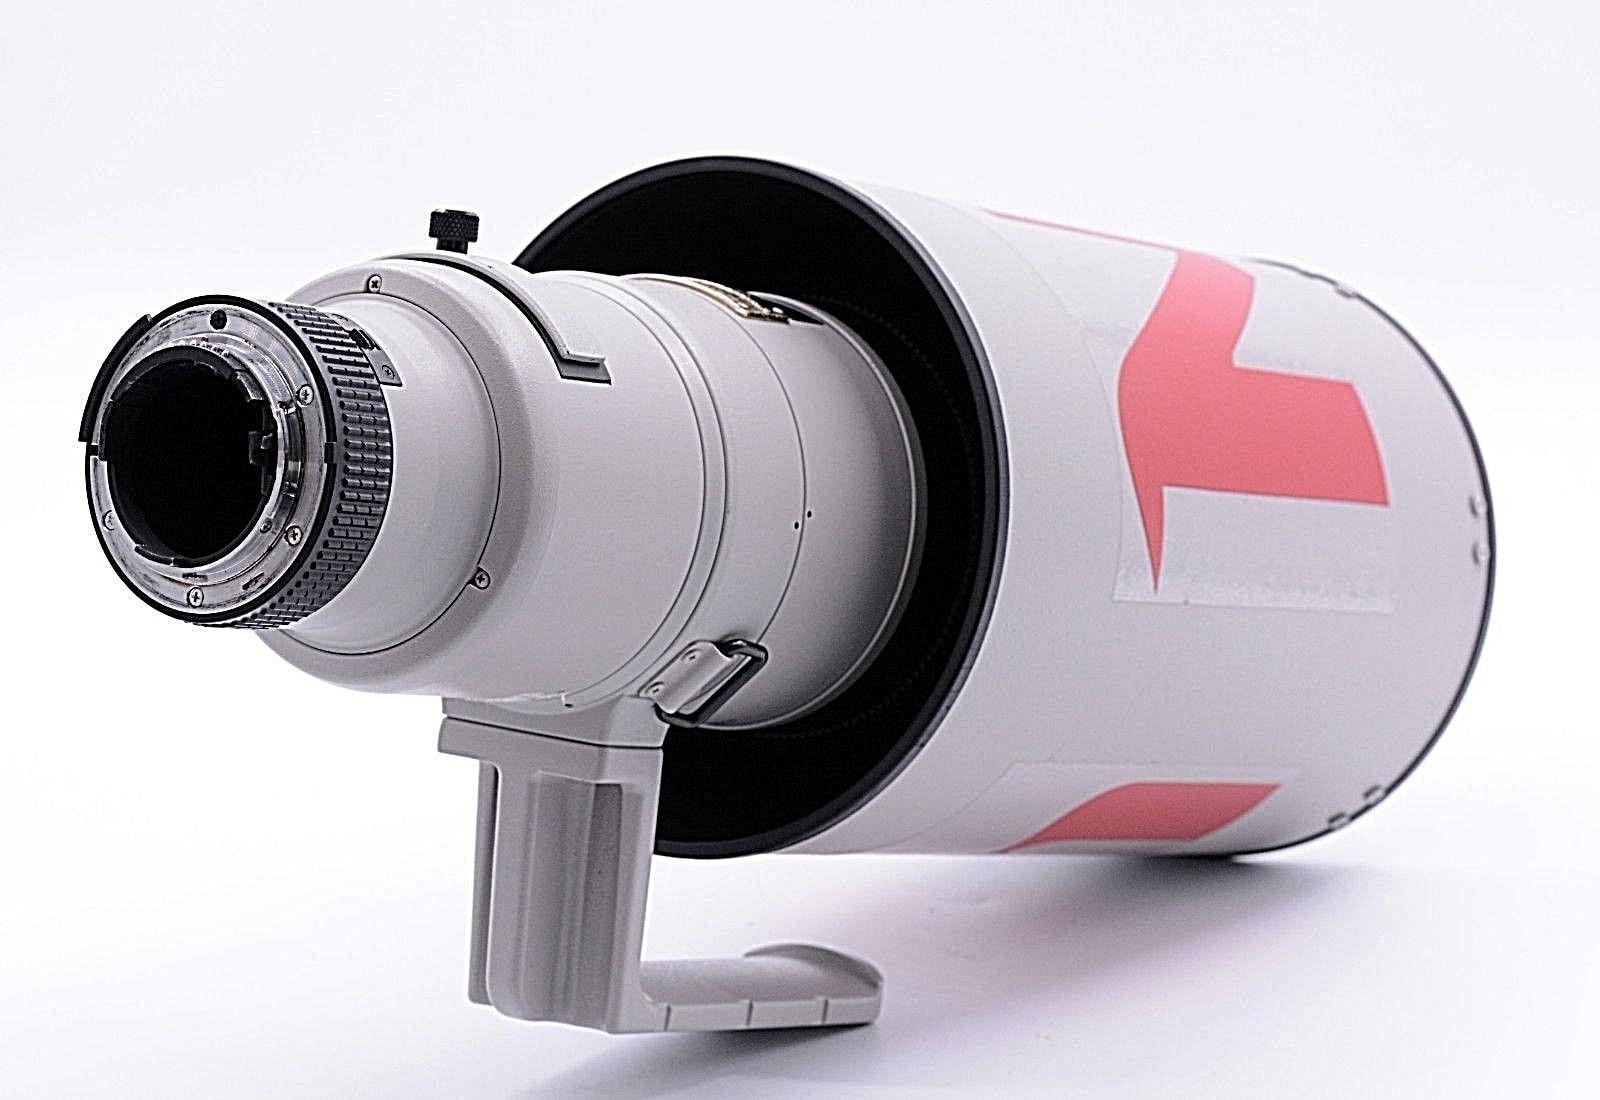 Nikon Af S Nikkor 500mm F4 D Ii Ed Lens With Rare Grey Color